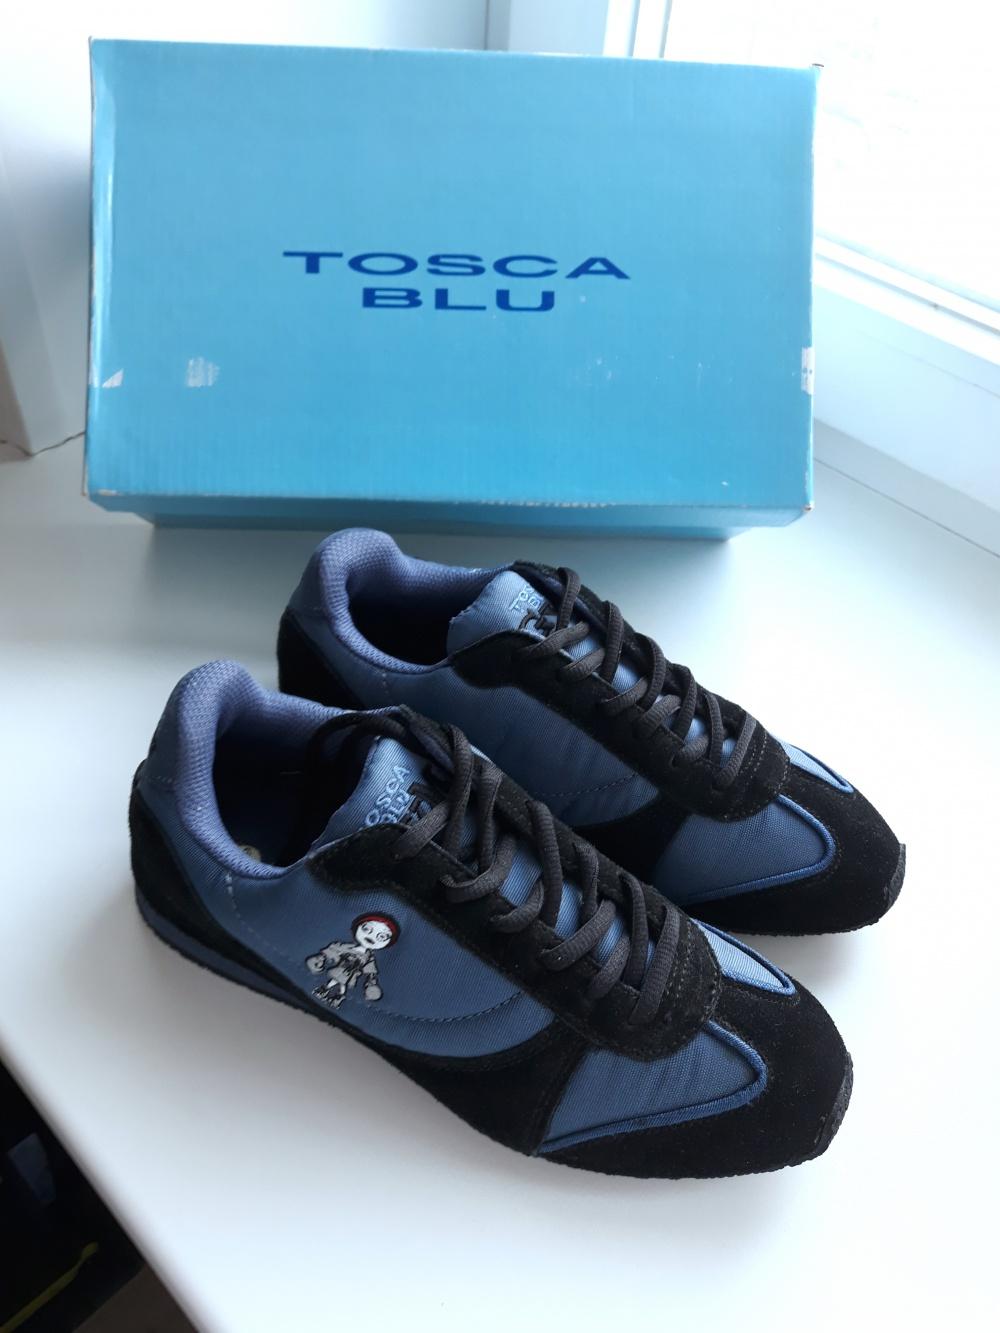 Кроссовки Tosca Blu, 38 (на 36-36.5)